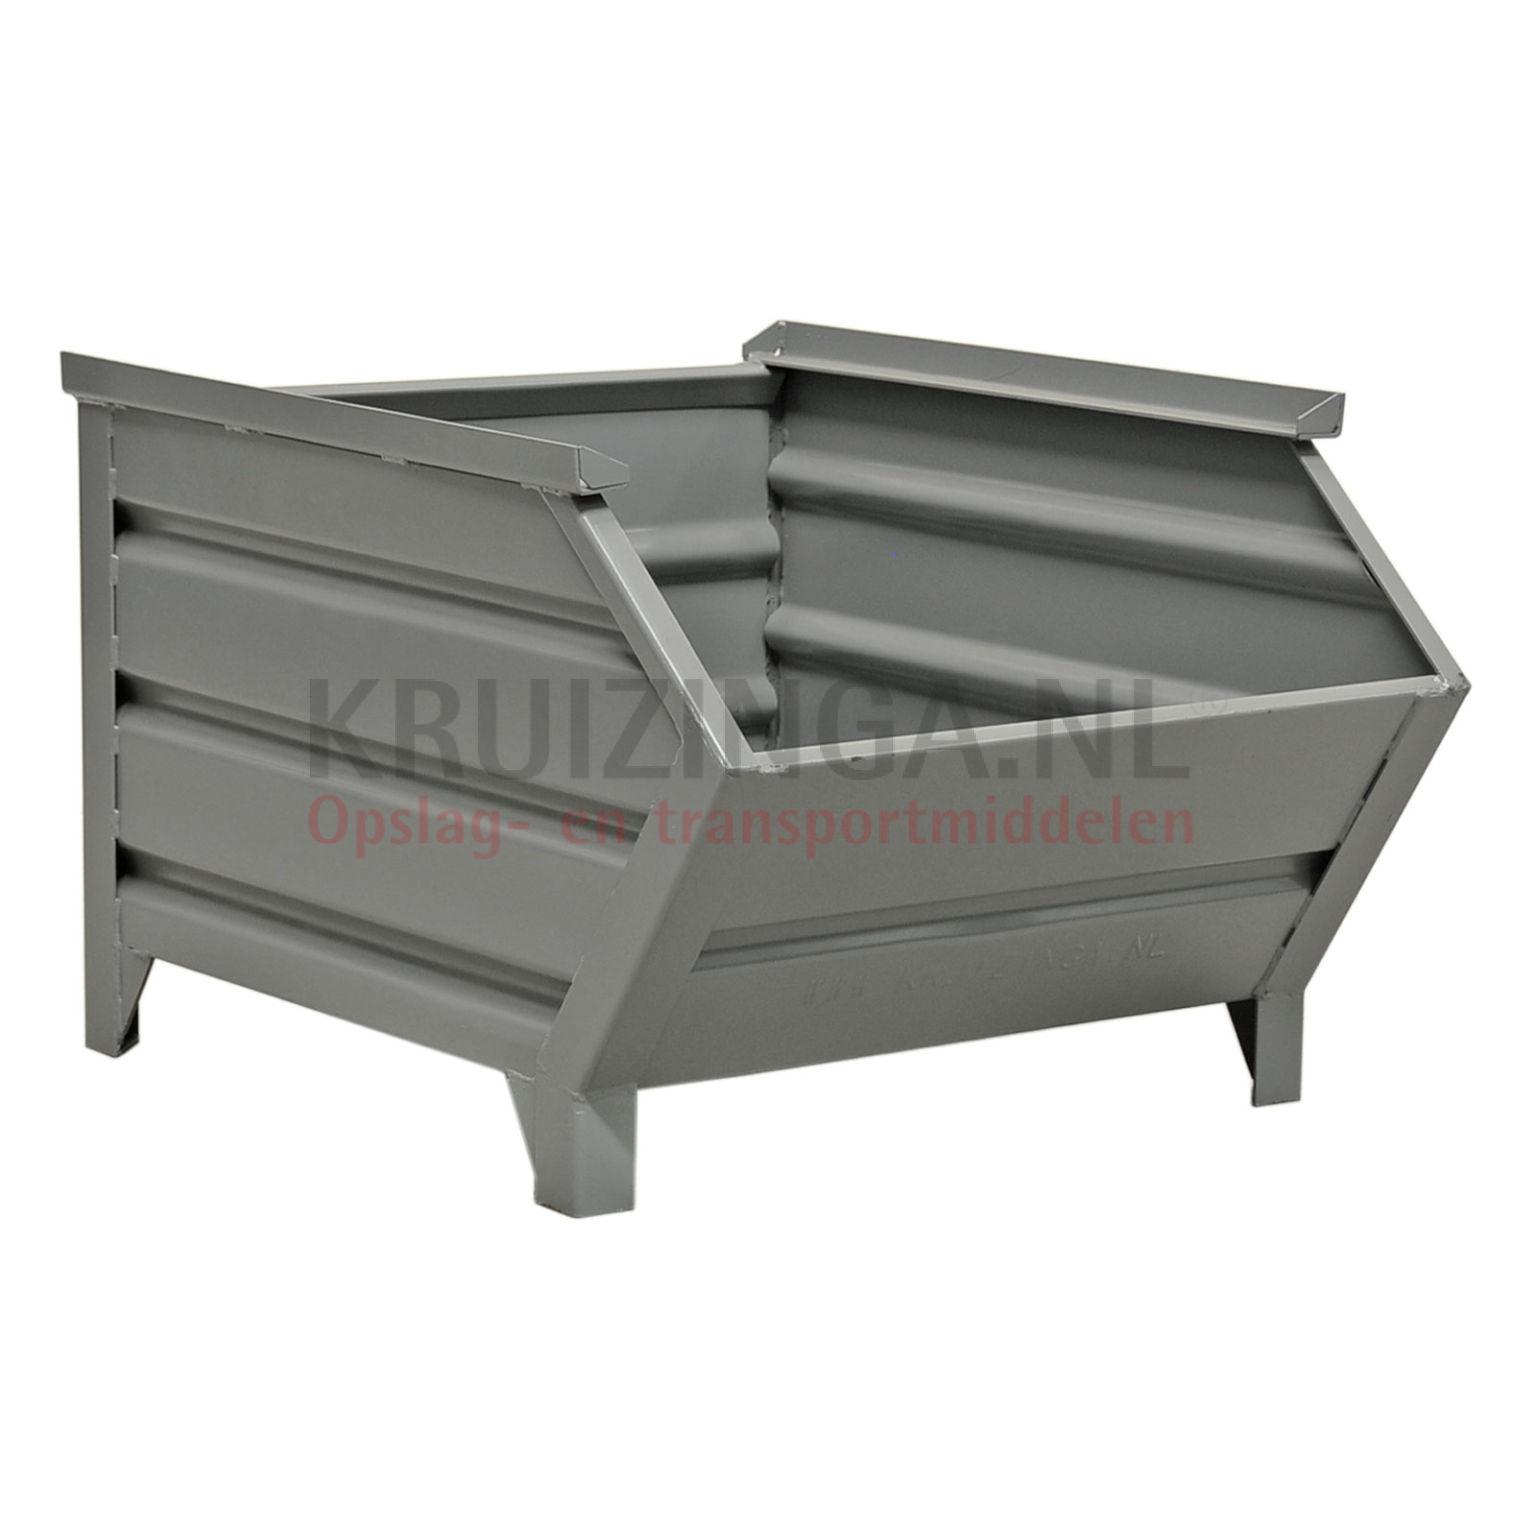 bac de rangement acier construction robuste bac empilable poign e inclin partir de 159. Black Bedroom Furniture Sets. Home Design Ideas